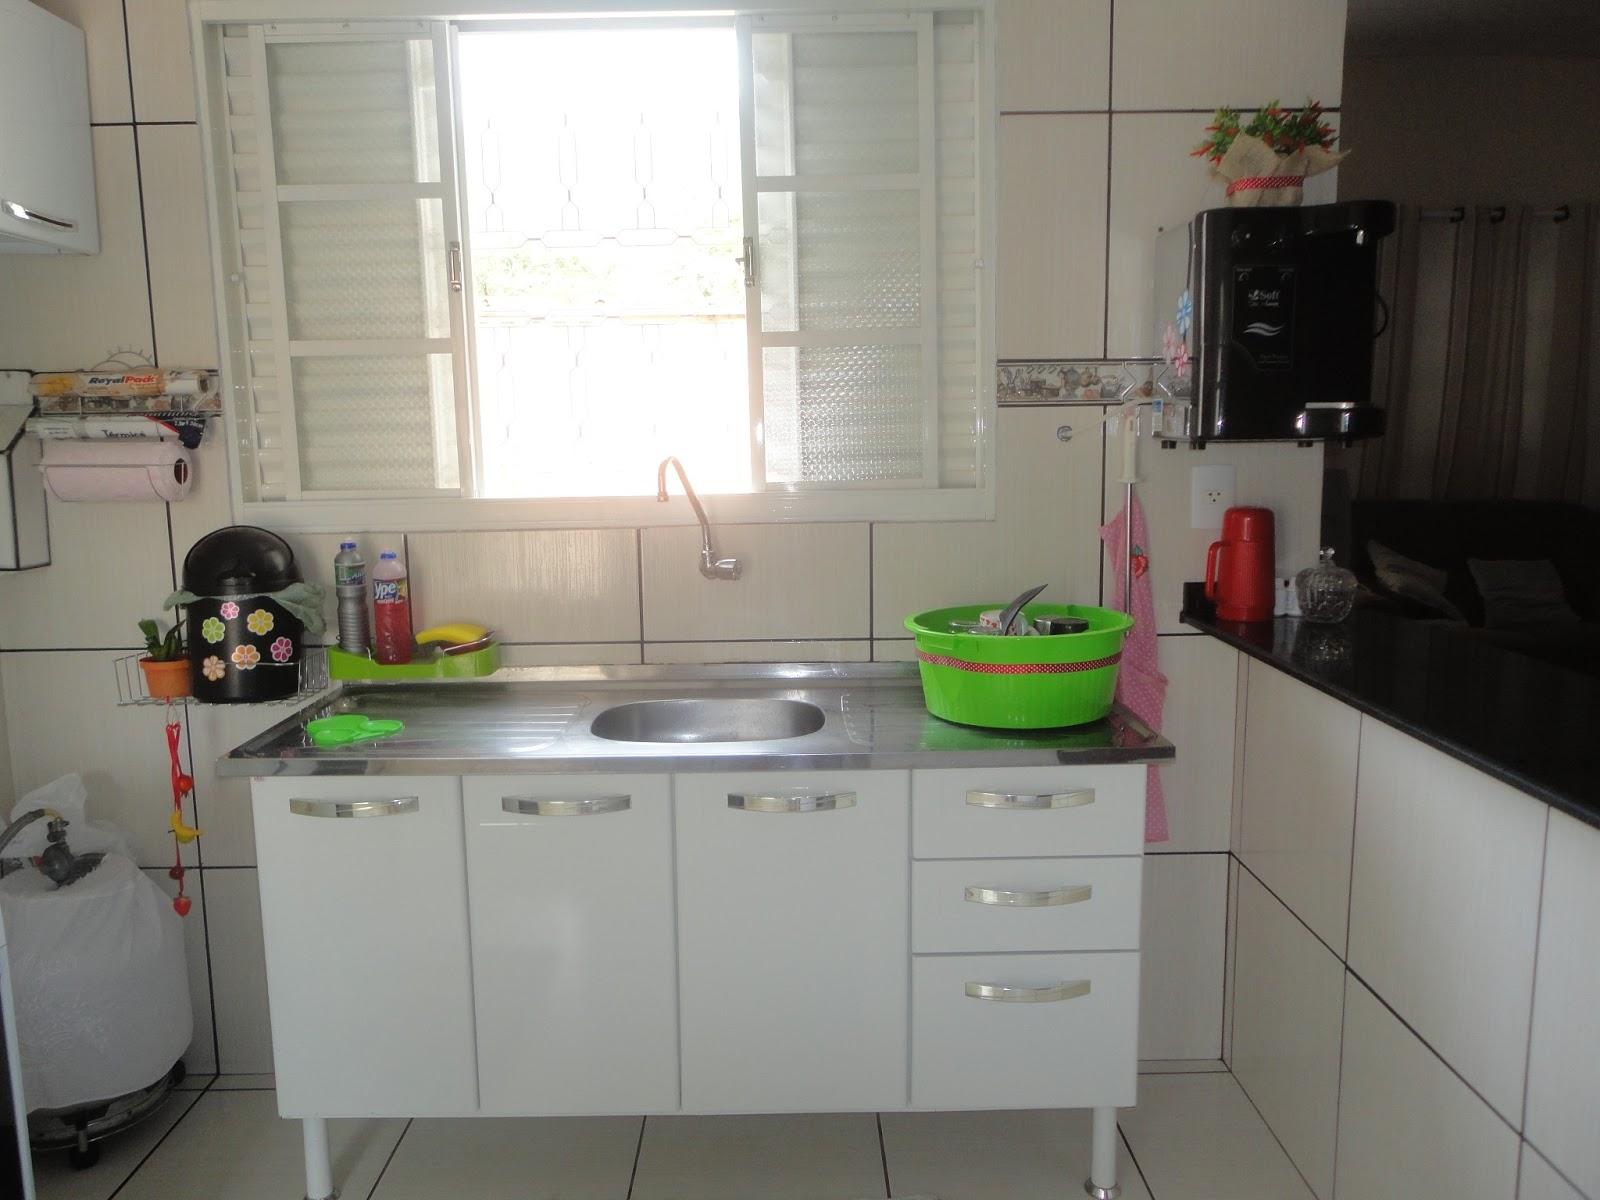 é minha simples cozinha em processo de decoração! Quando mudar mais #438626 1600 1200